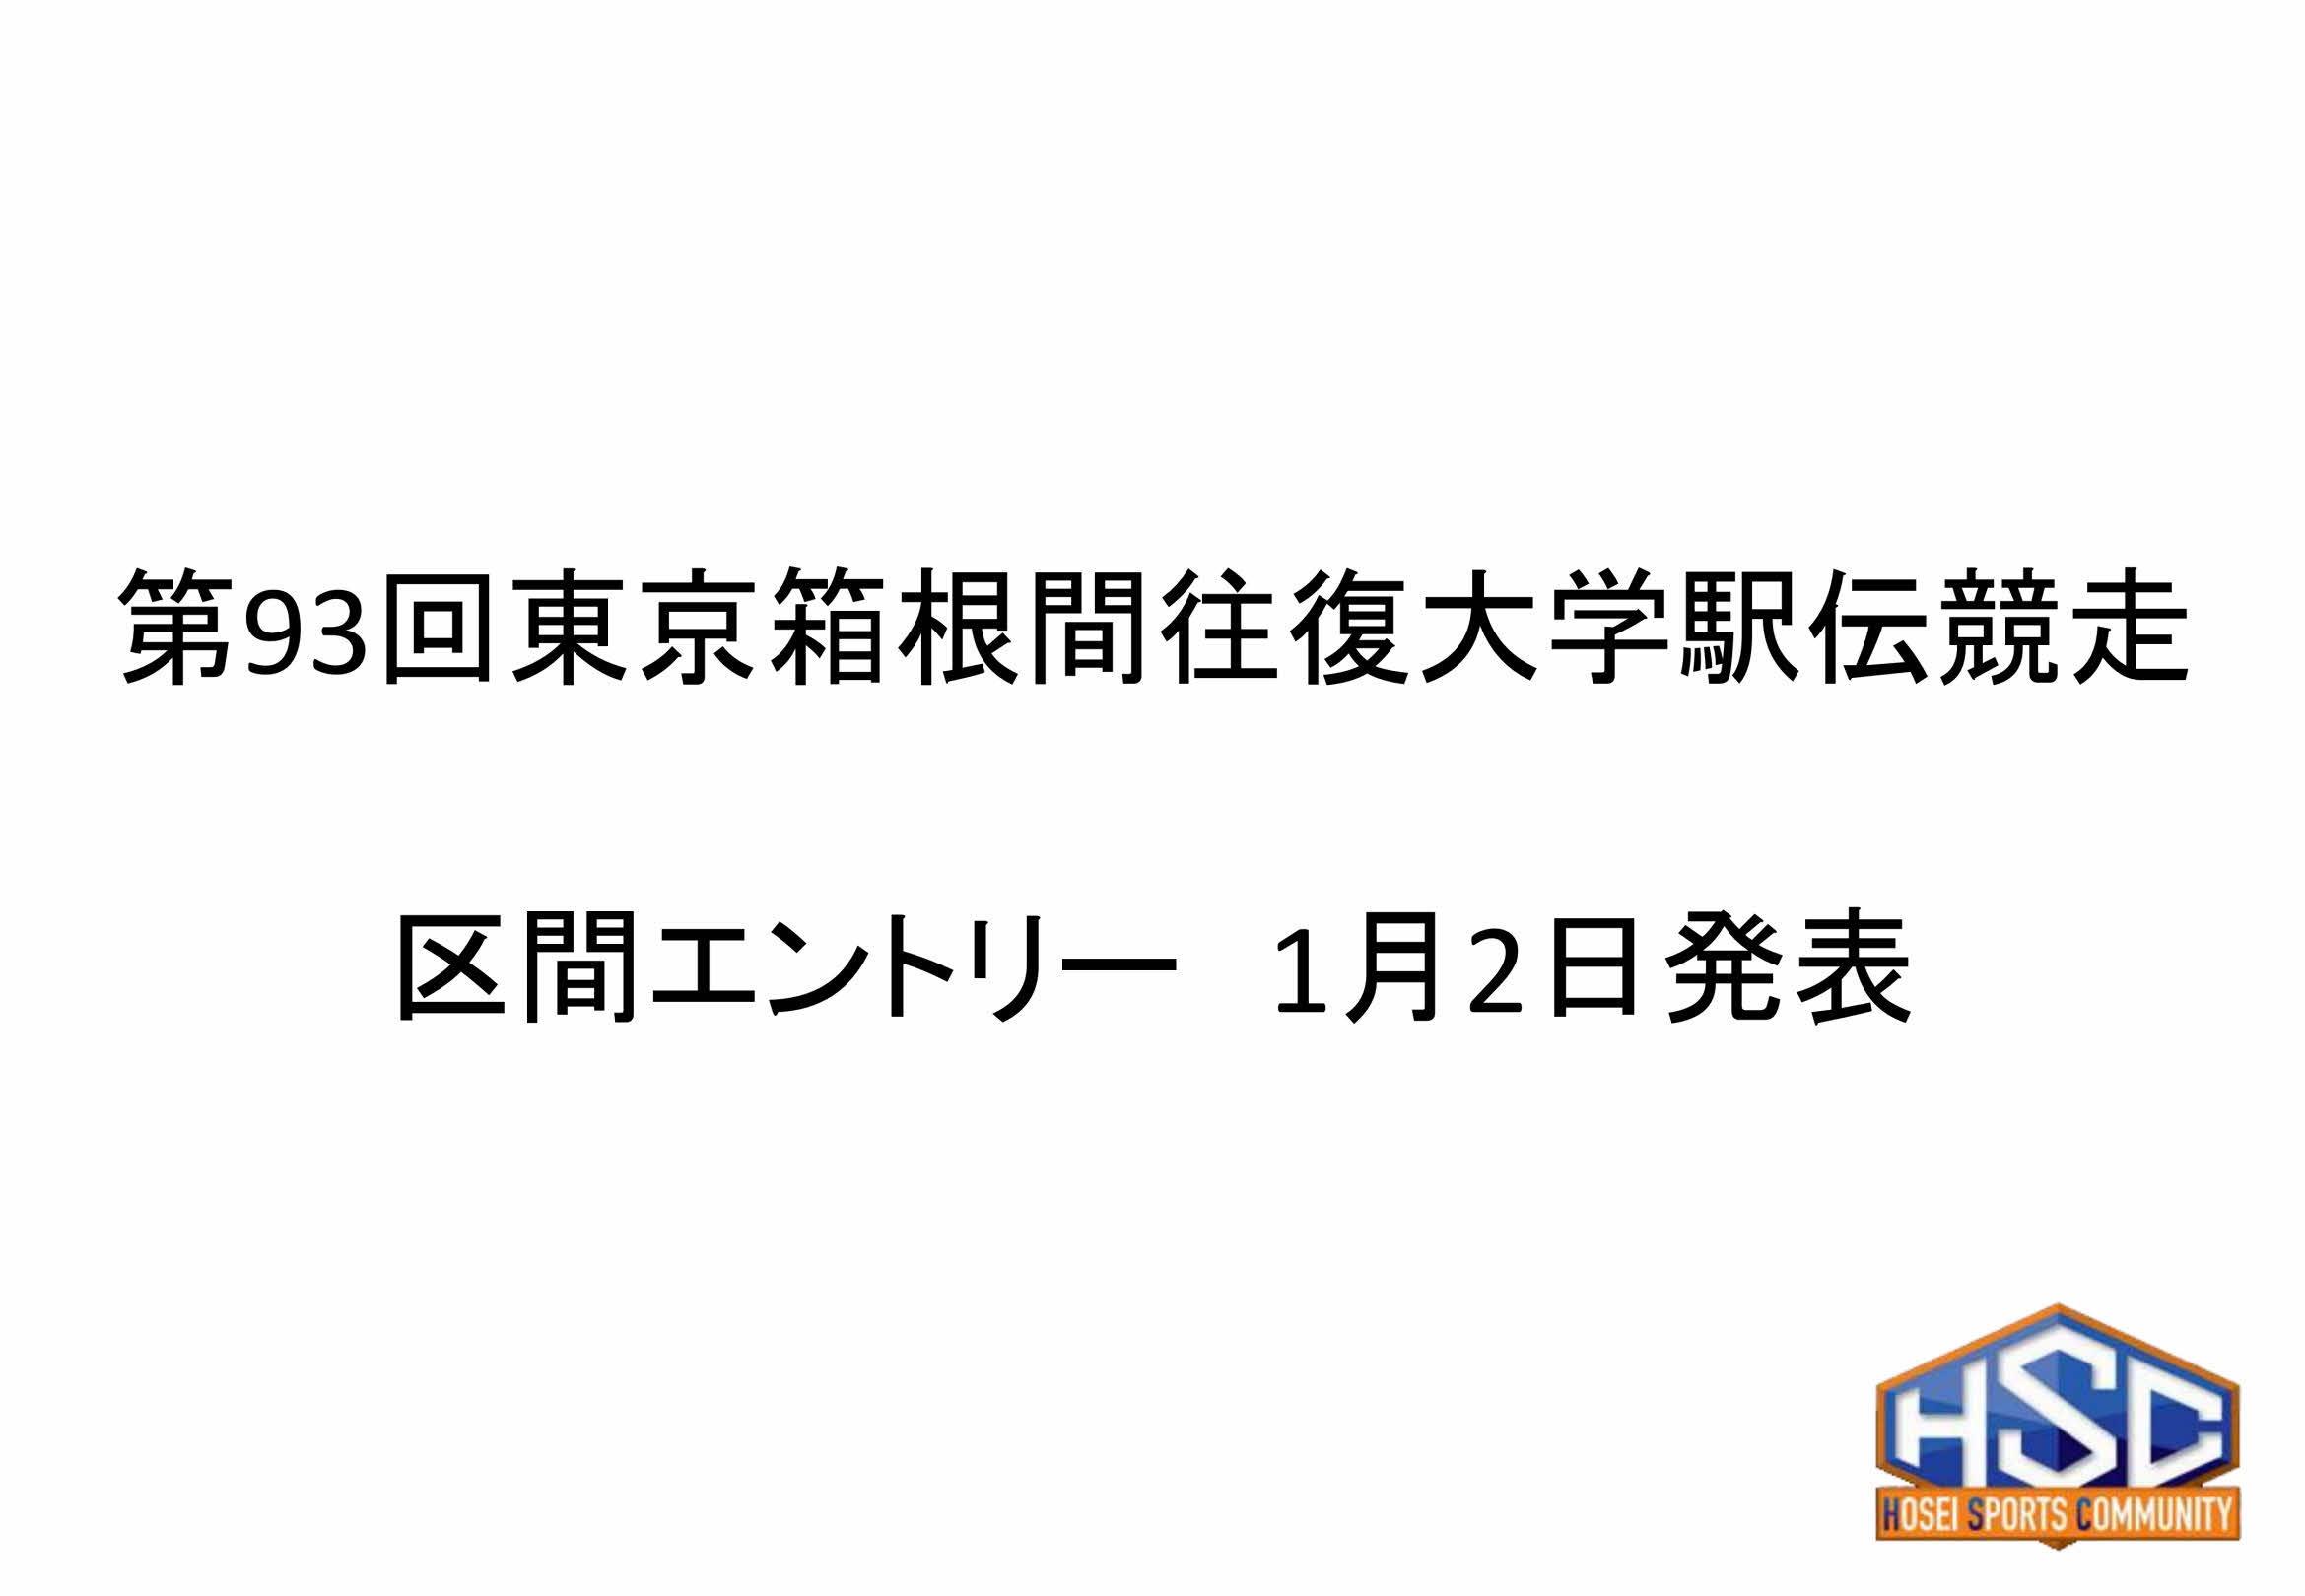 第93回東京箱根間往復大学駅伝競走区間エントリー発表20170102.jpg